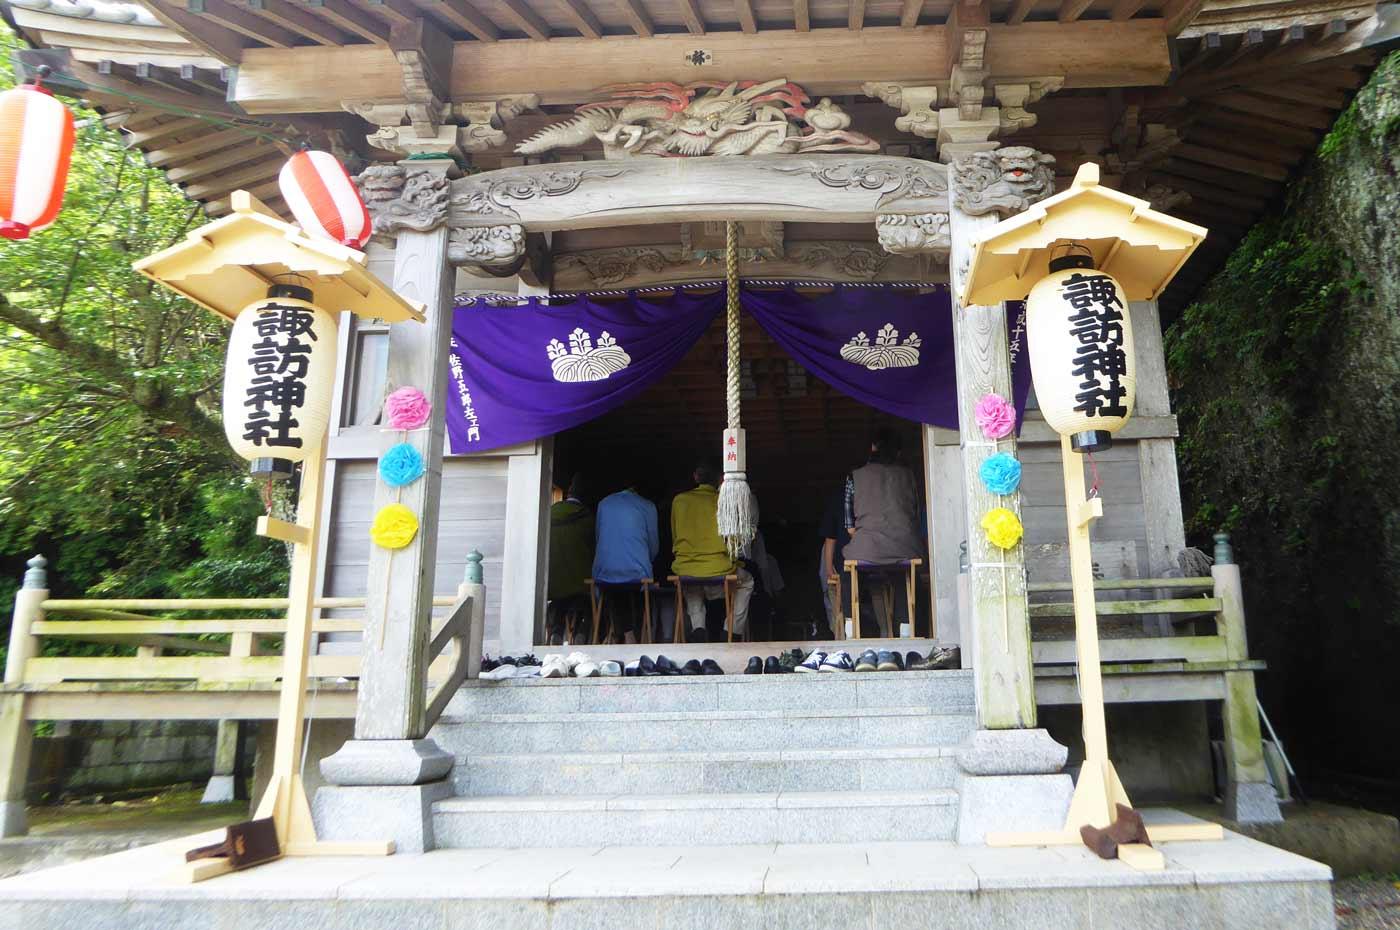 諏訪神社拝殿の祭典の様子